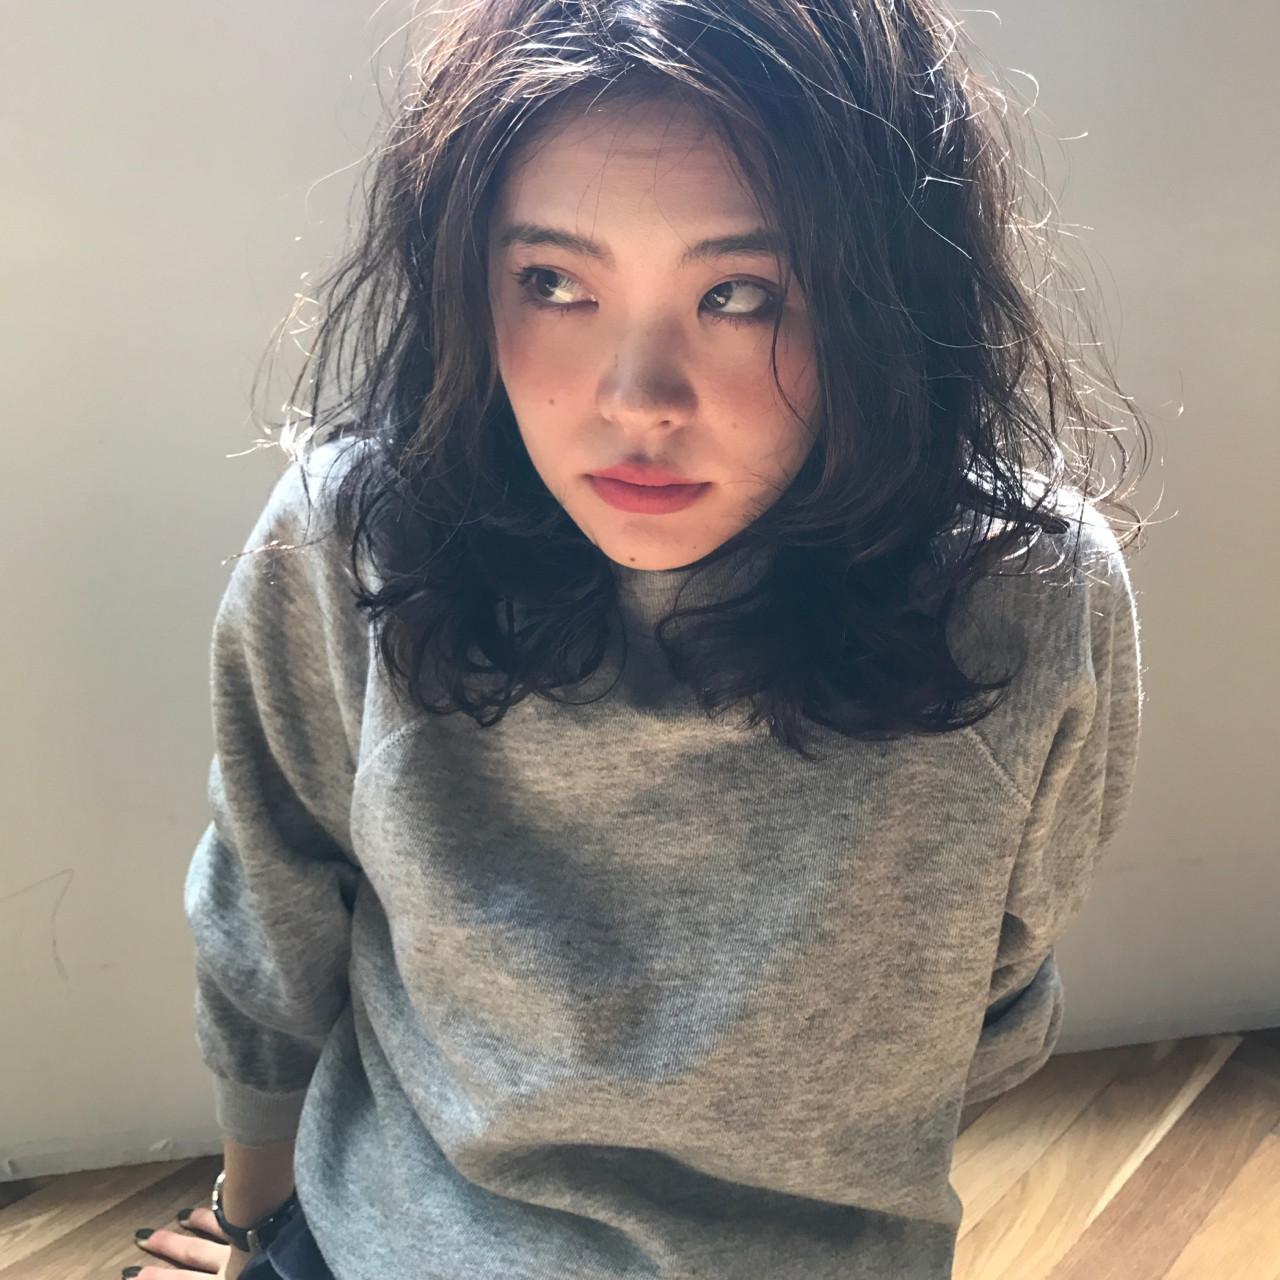 ミディアムに合わせたい!オススメの前髪なしスタイル10選 YUKINA / HOMIE TOKYO